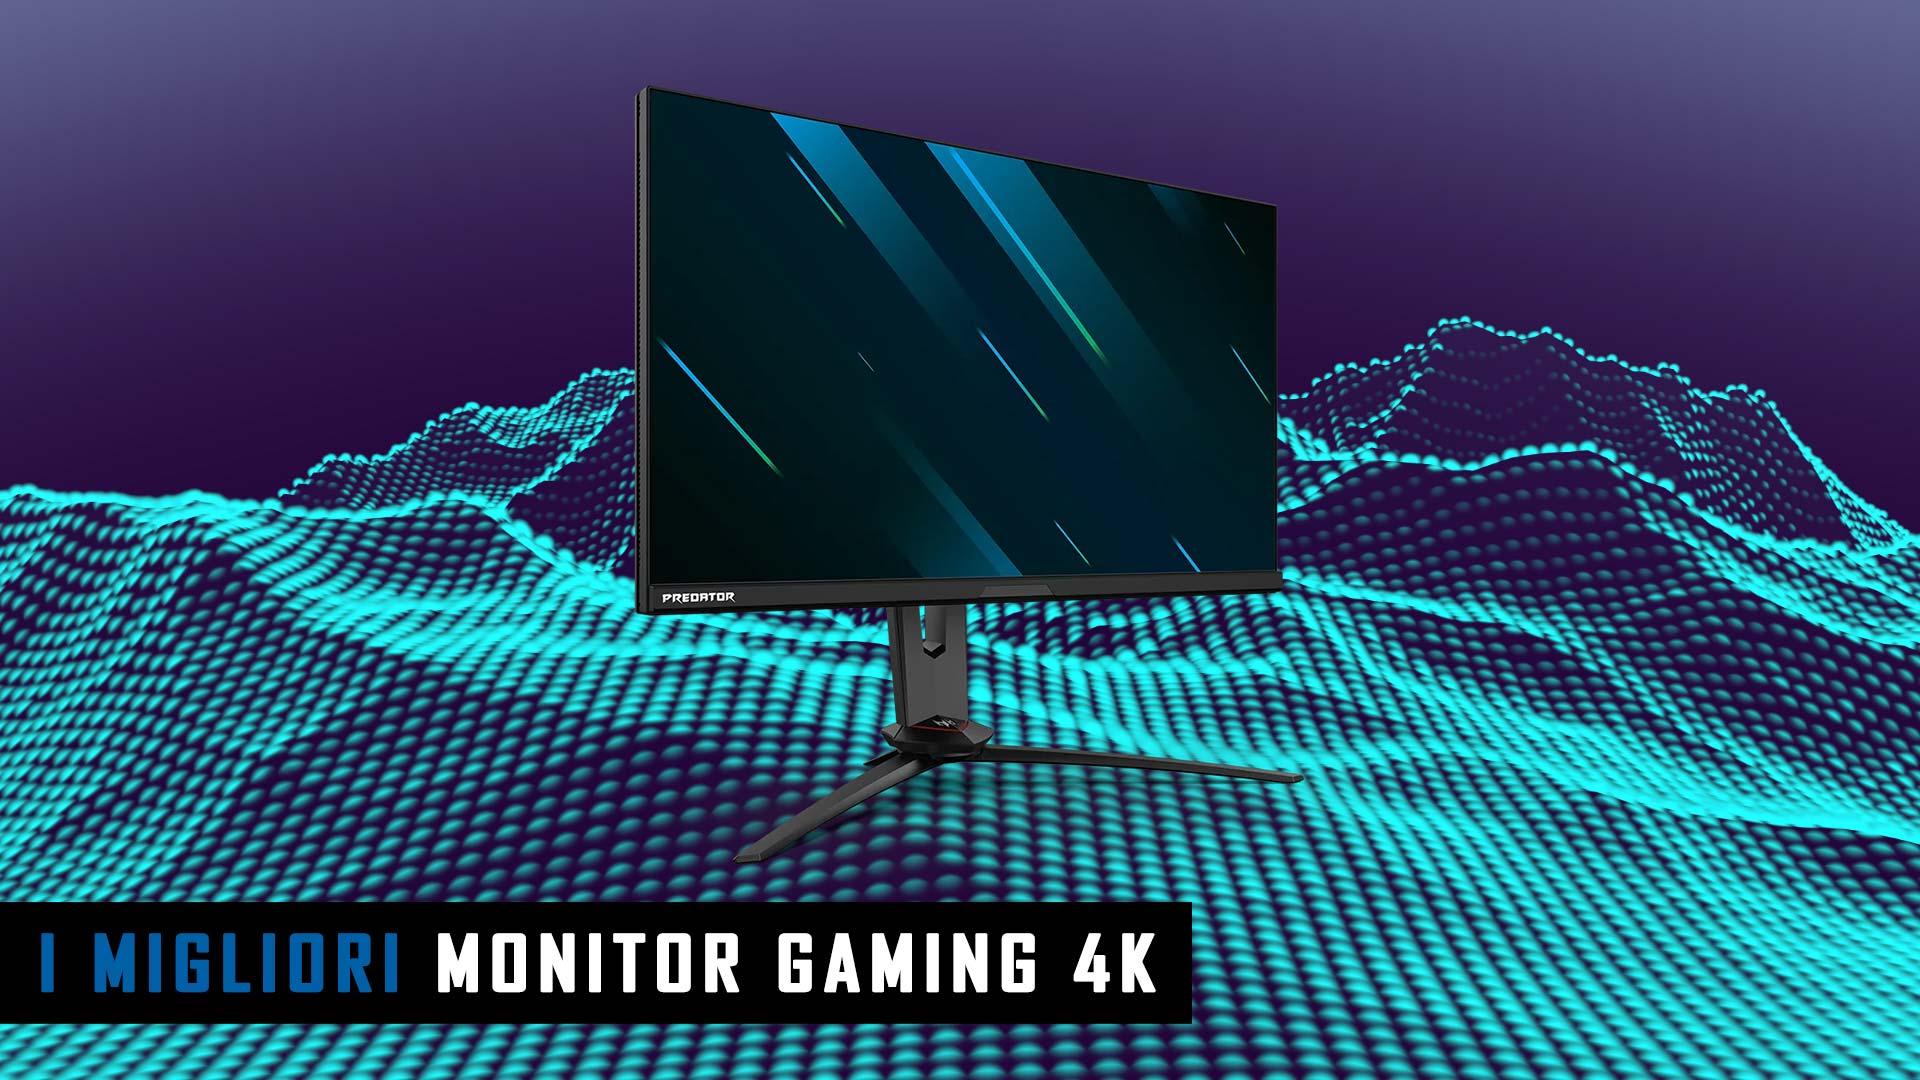 migliori monitor gaming 4k